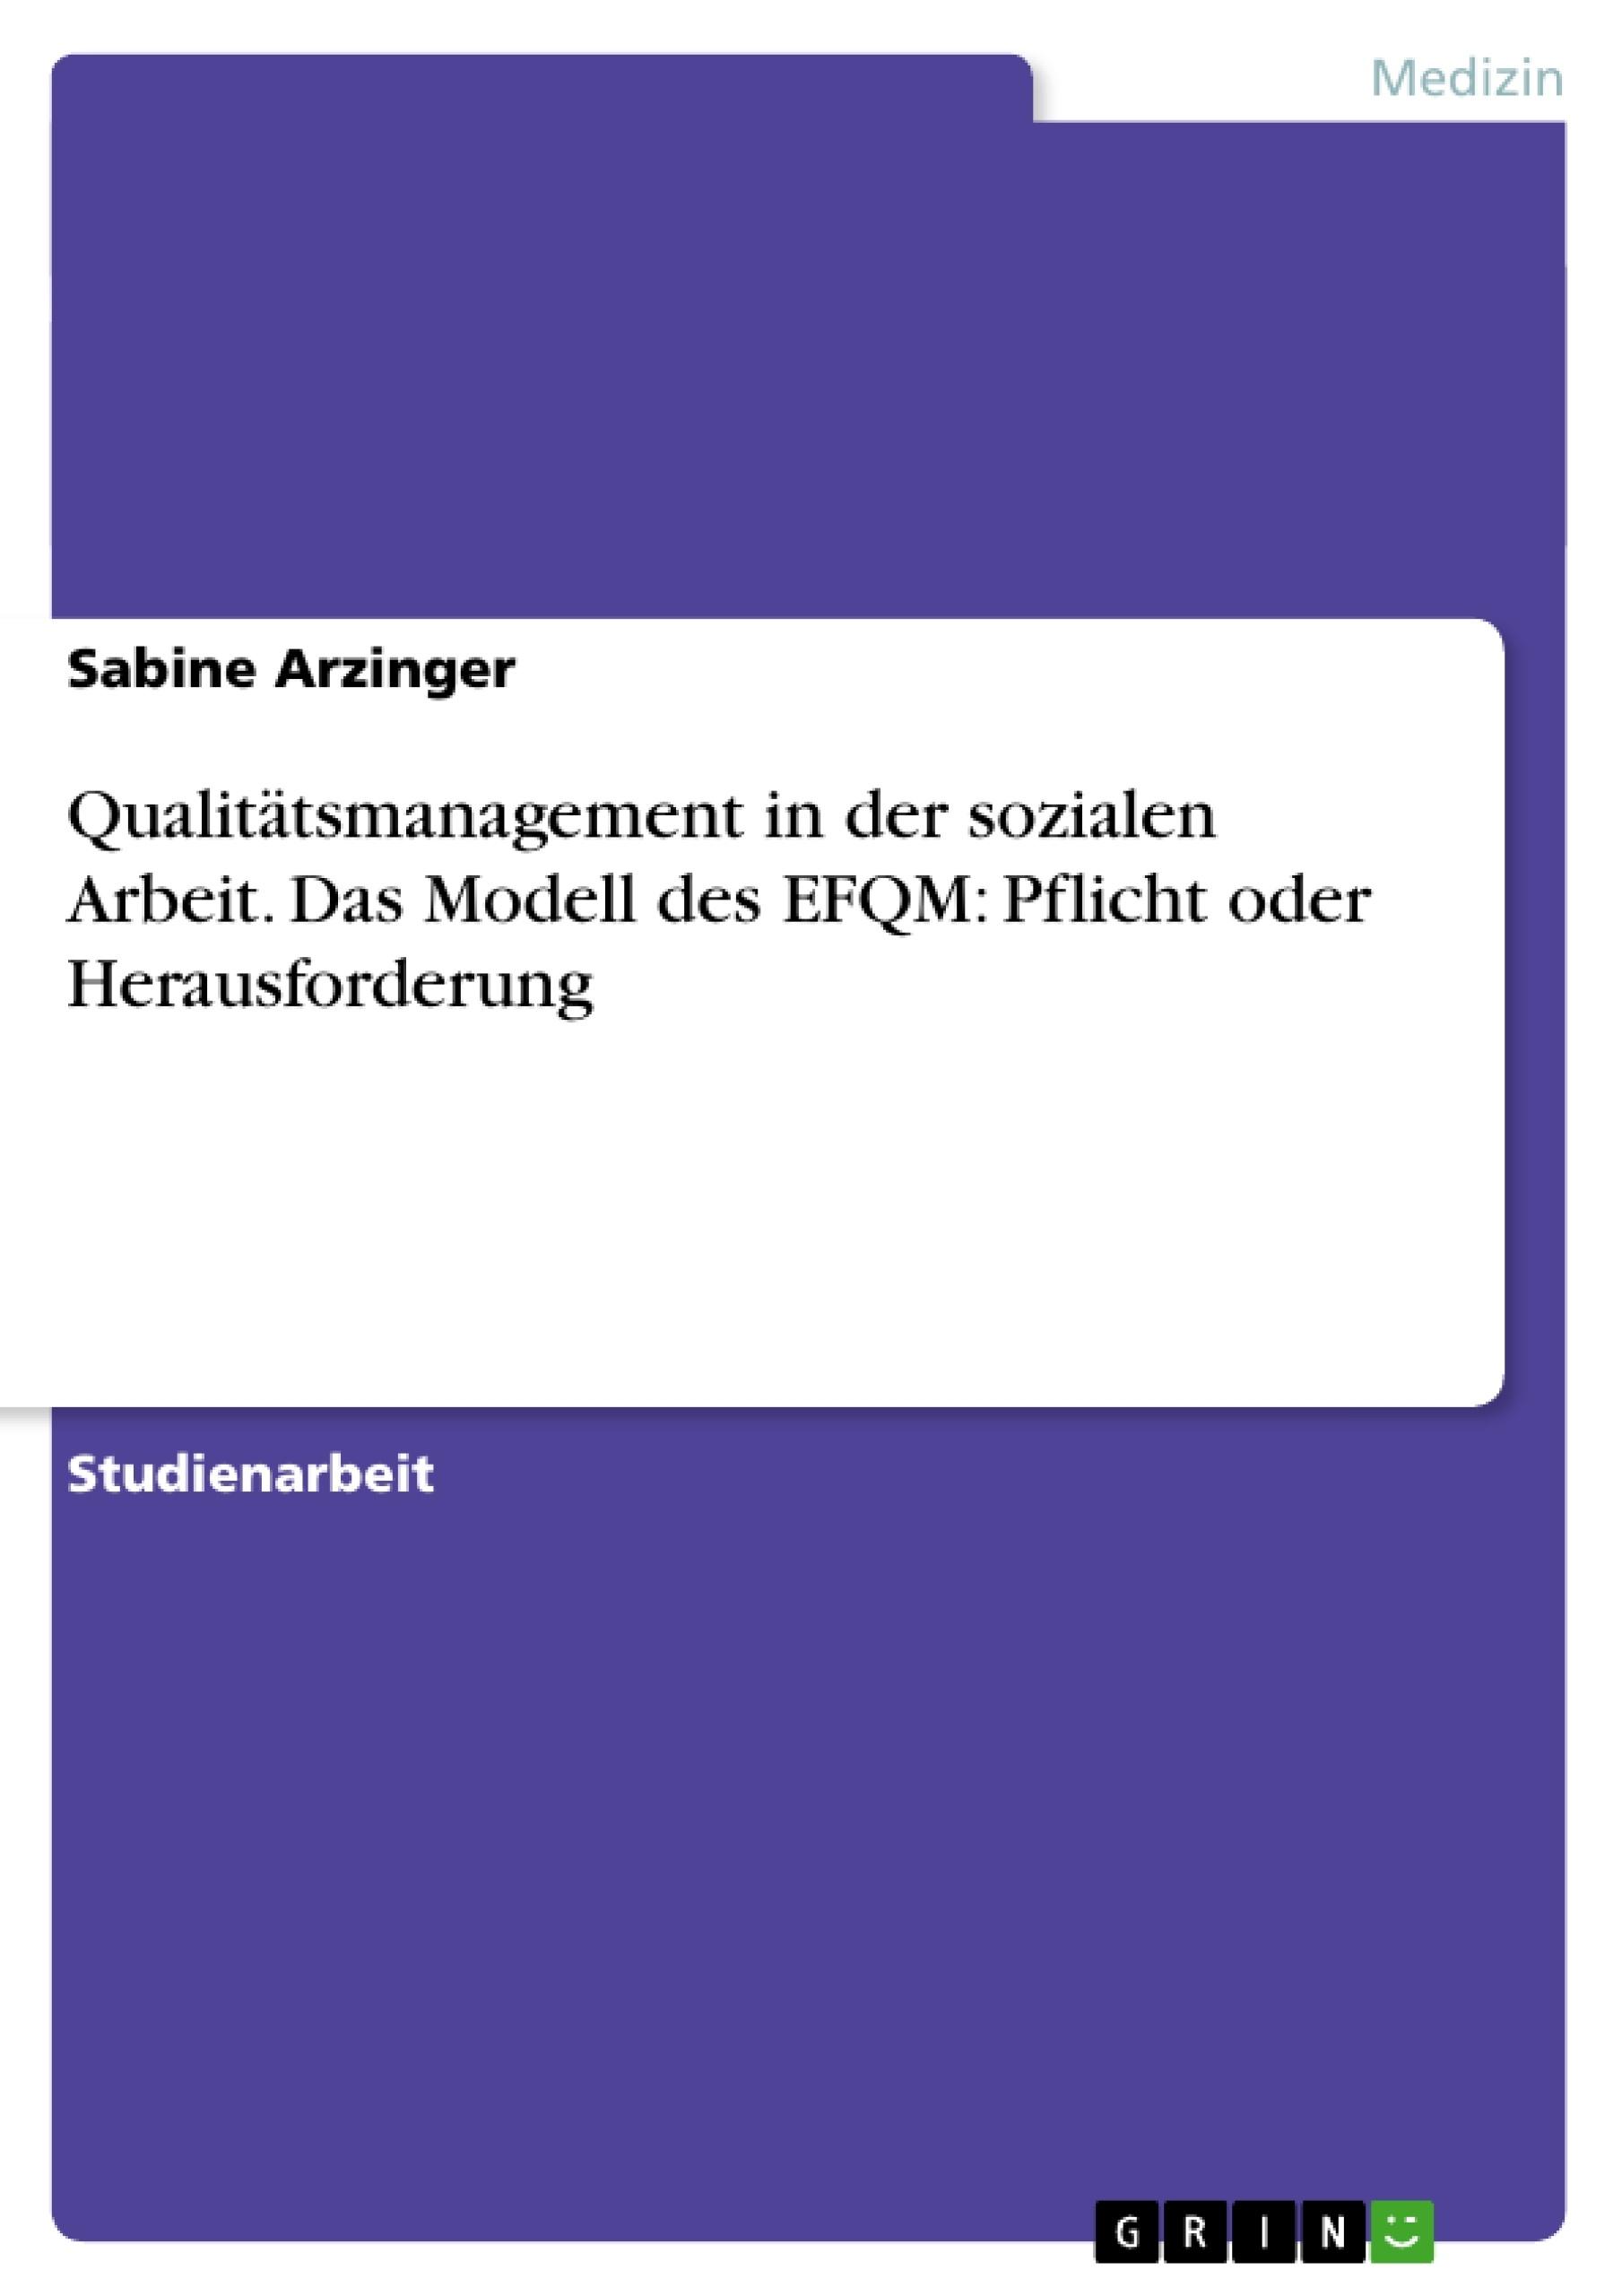 Titel: Qualitätsmanagement in der sozialen Arbeit. Das Modell des EFQM: Pflicht oder Herausforderung